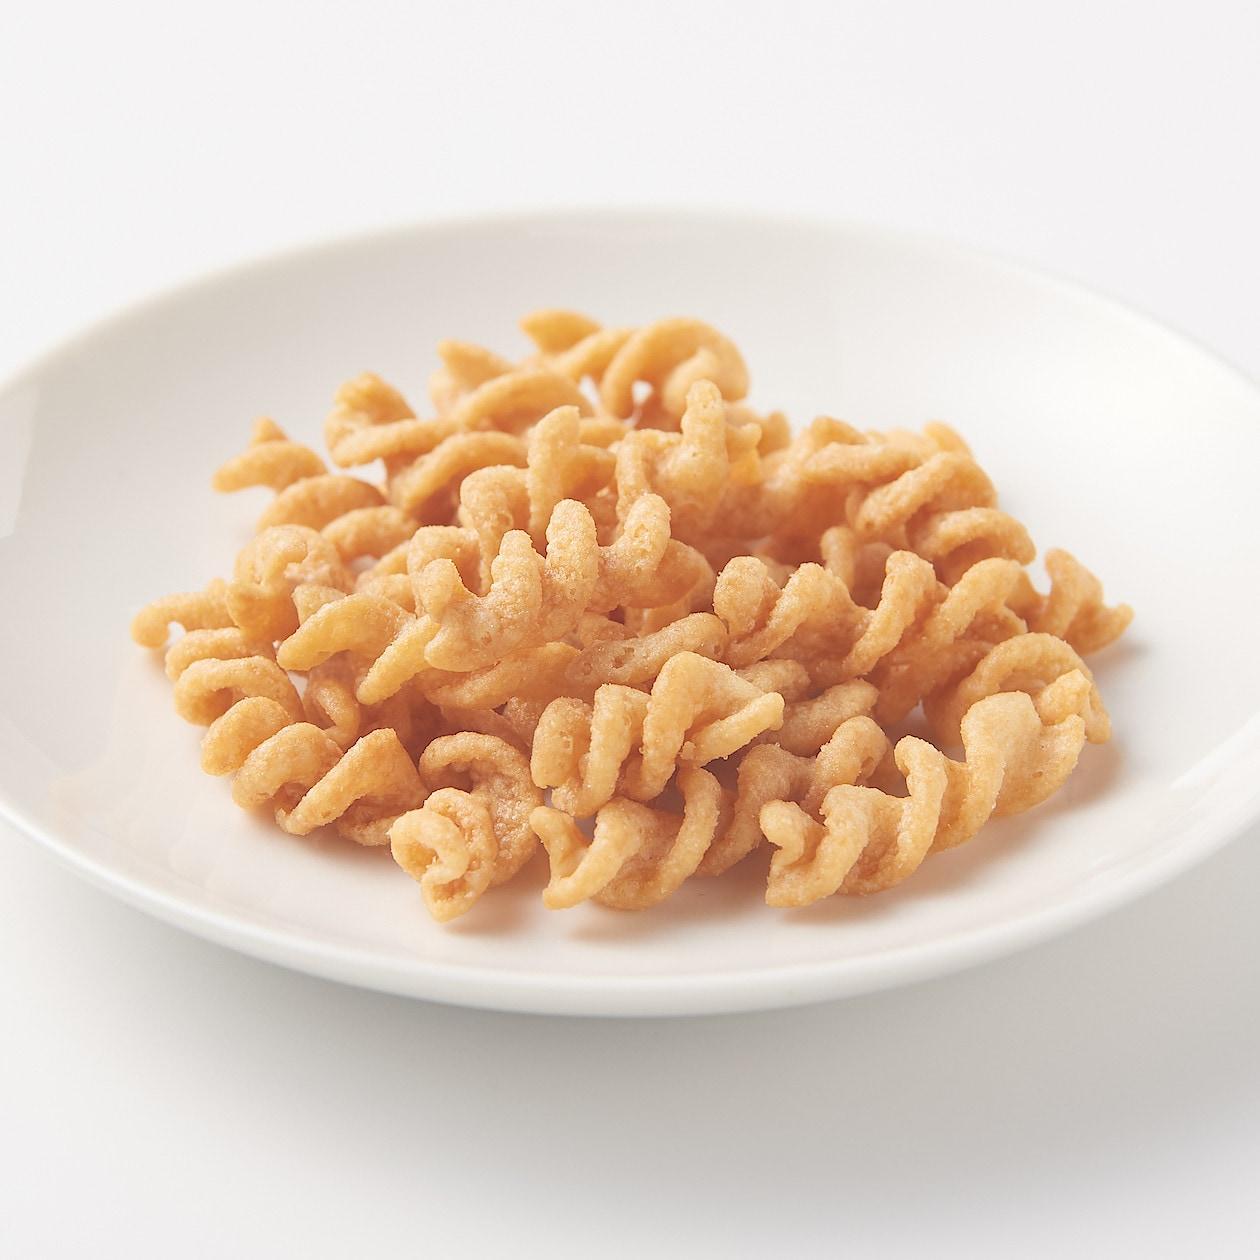 無印良品 糖質10g以下のお菓子 パスタスナック チーズ味